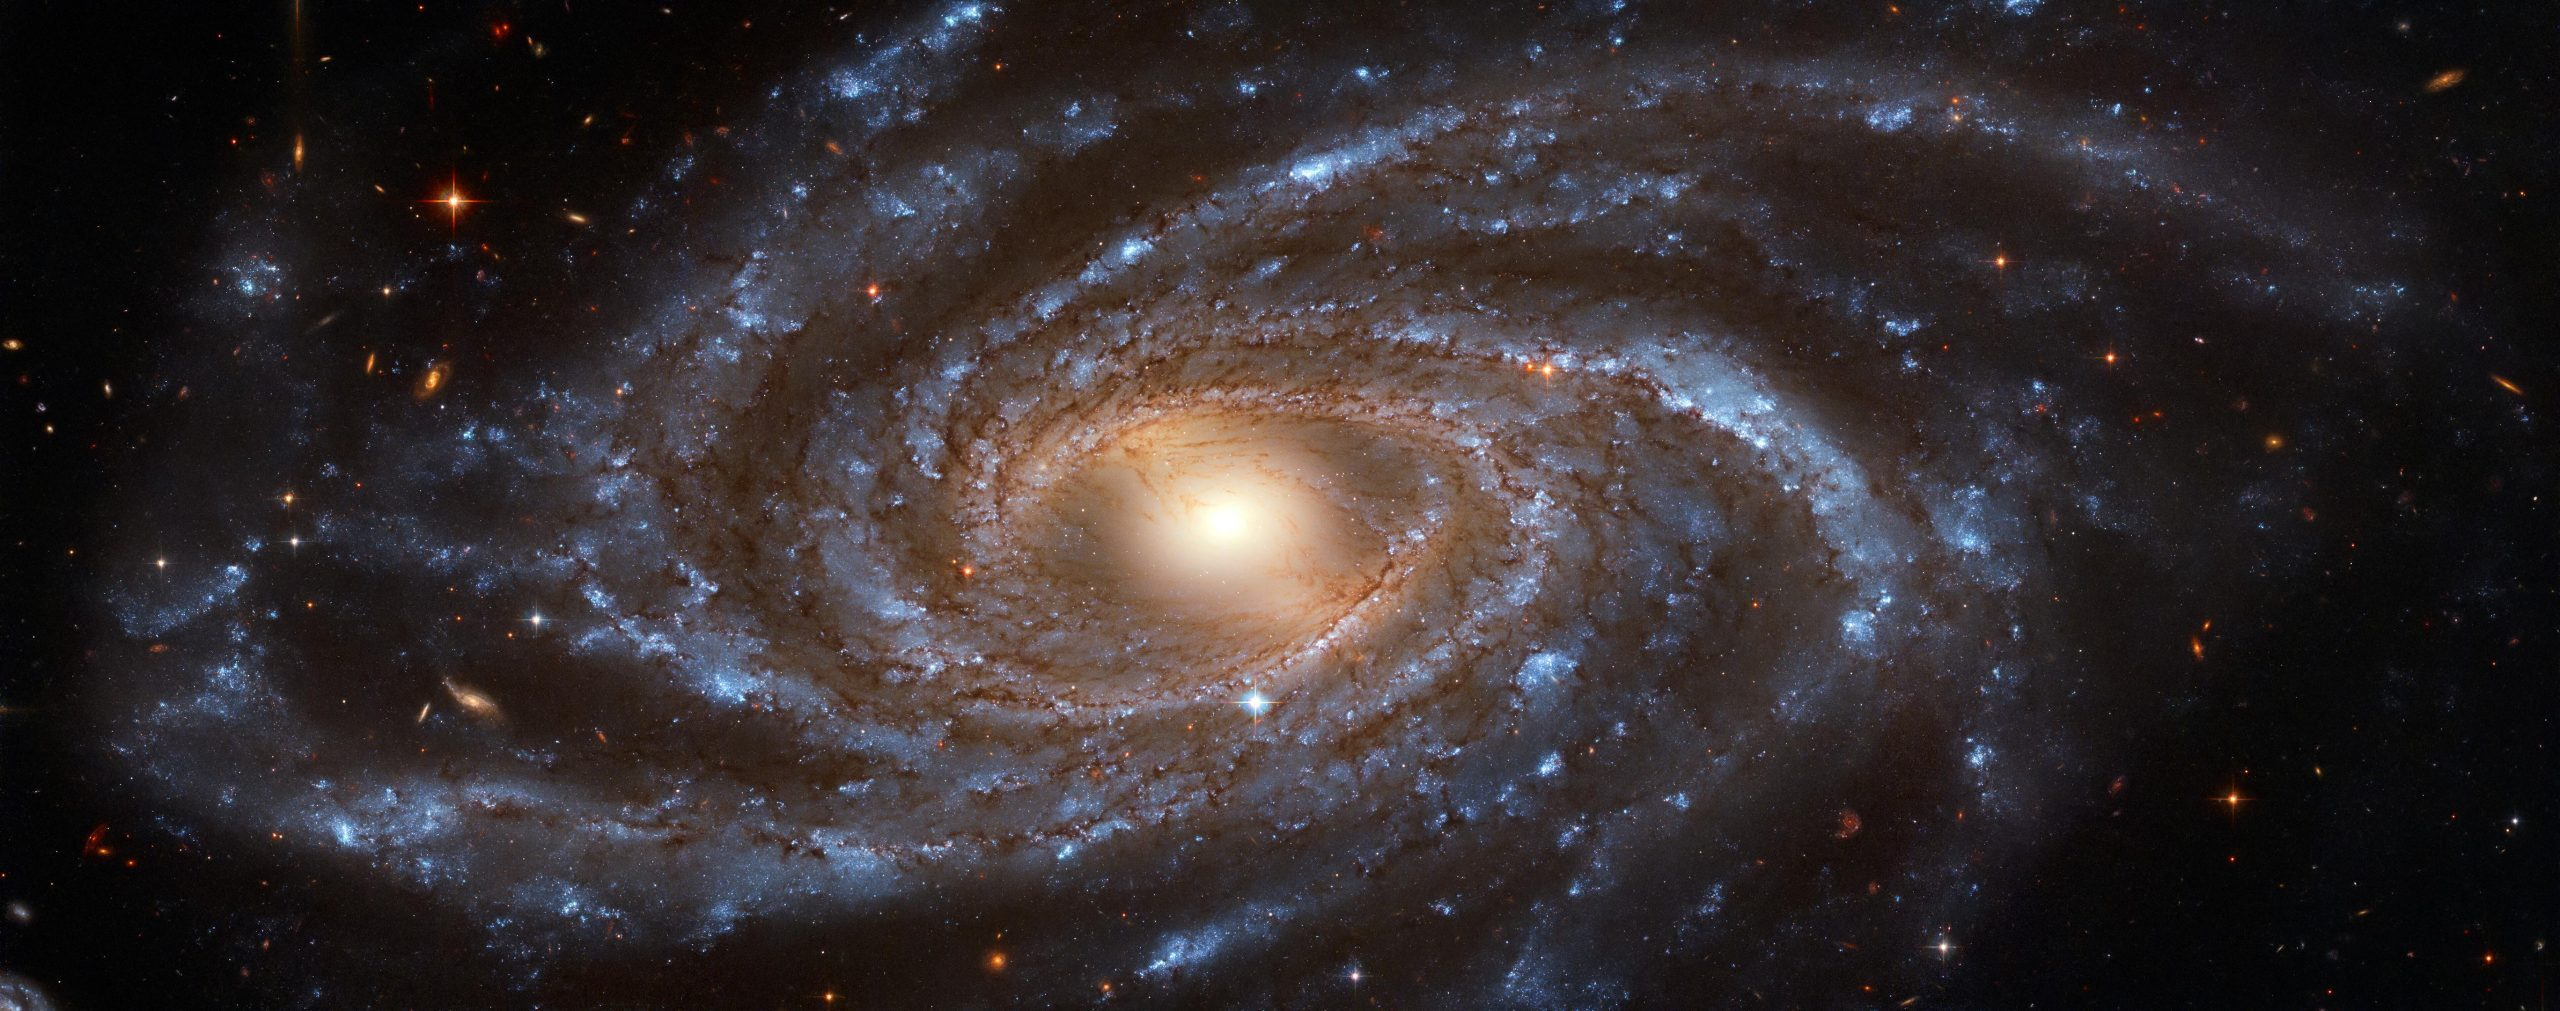 Опубликовано высококачественное фото галактики длиной в сотни тысяч световых лет